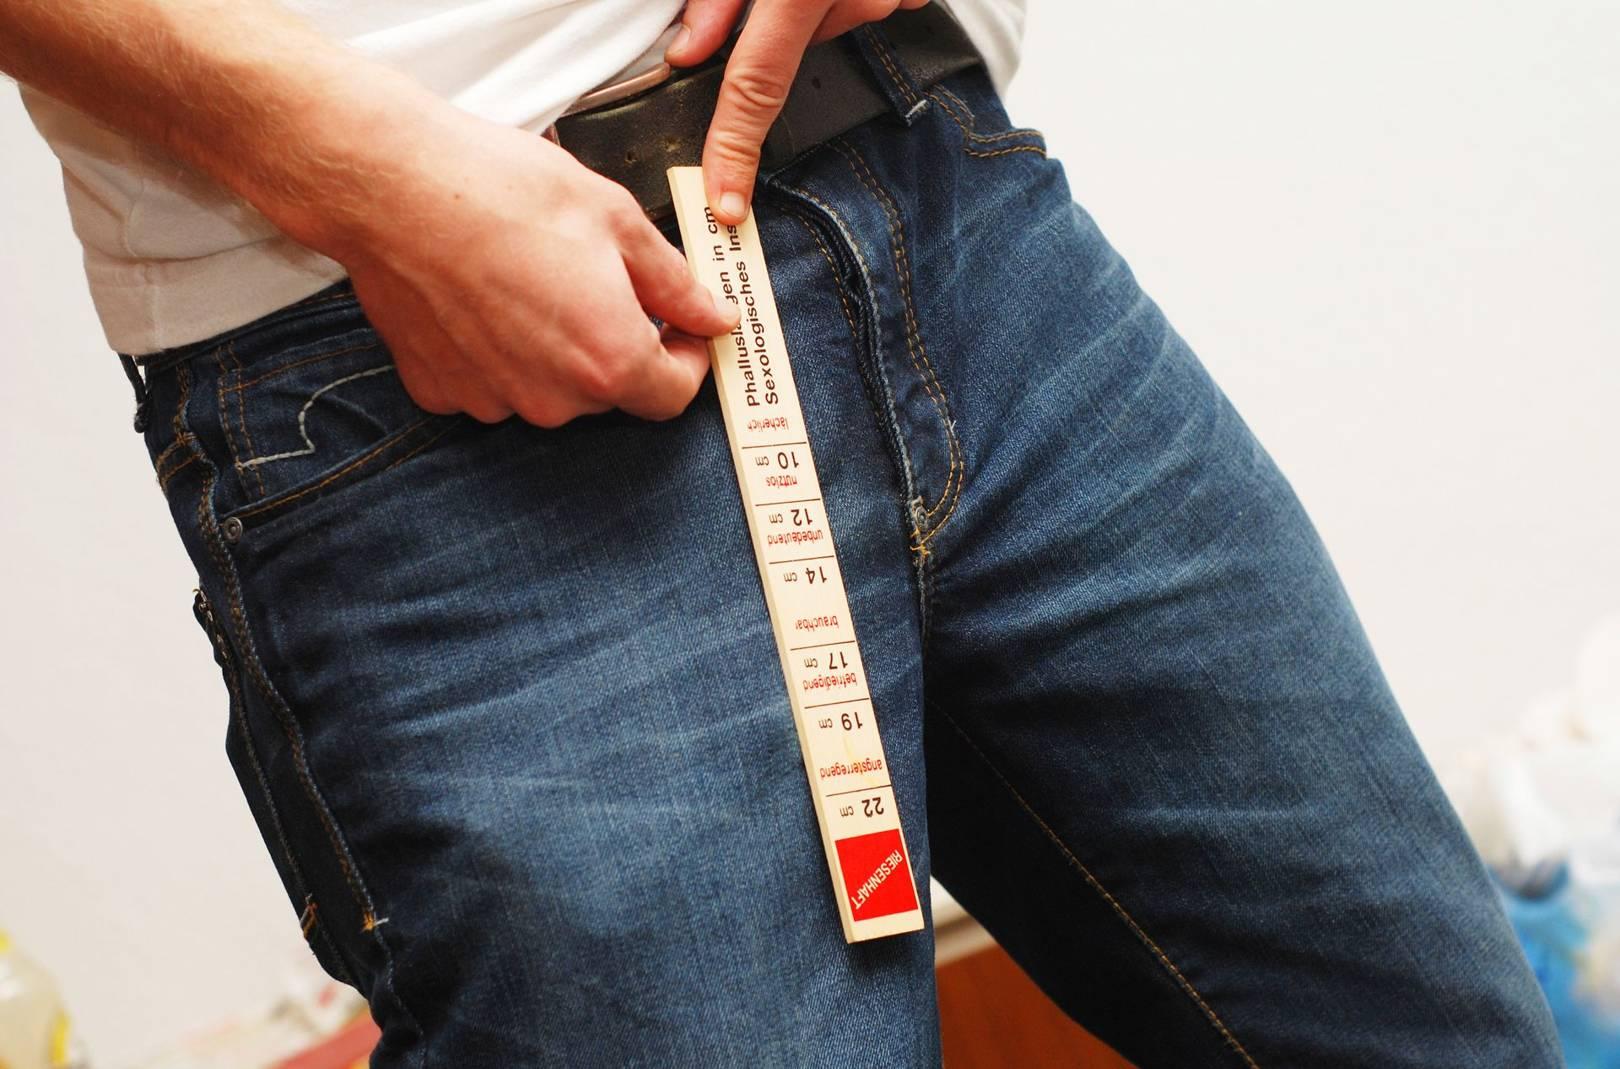 Cắt bao quy đầu có làm tăng kích thước